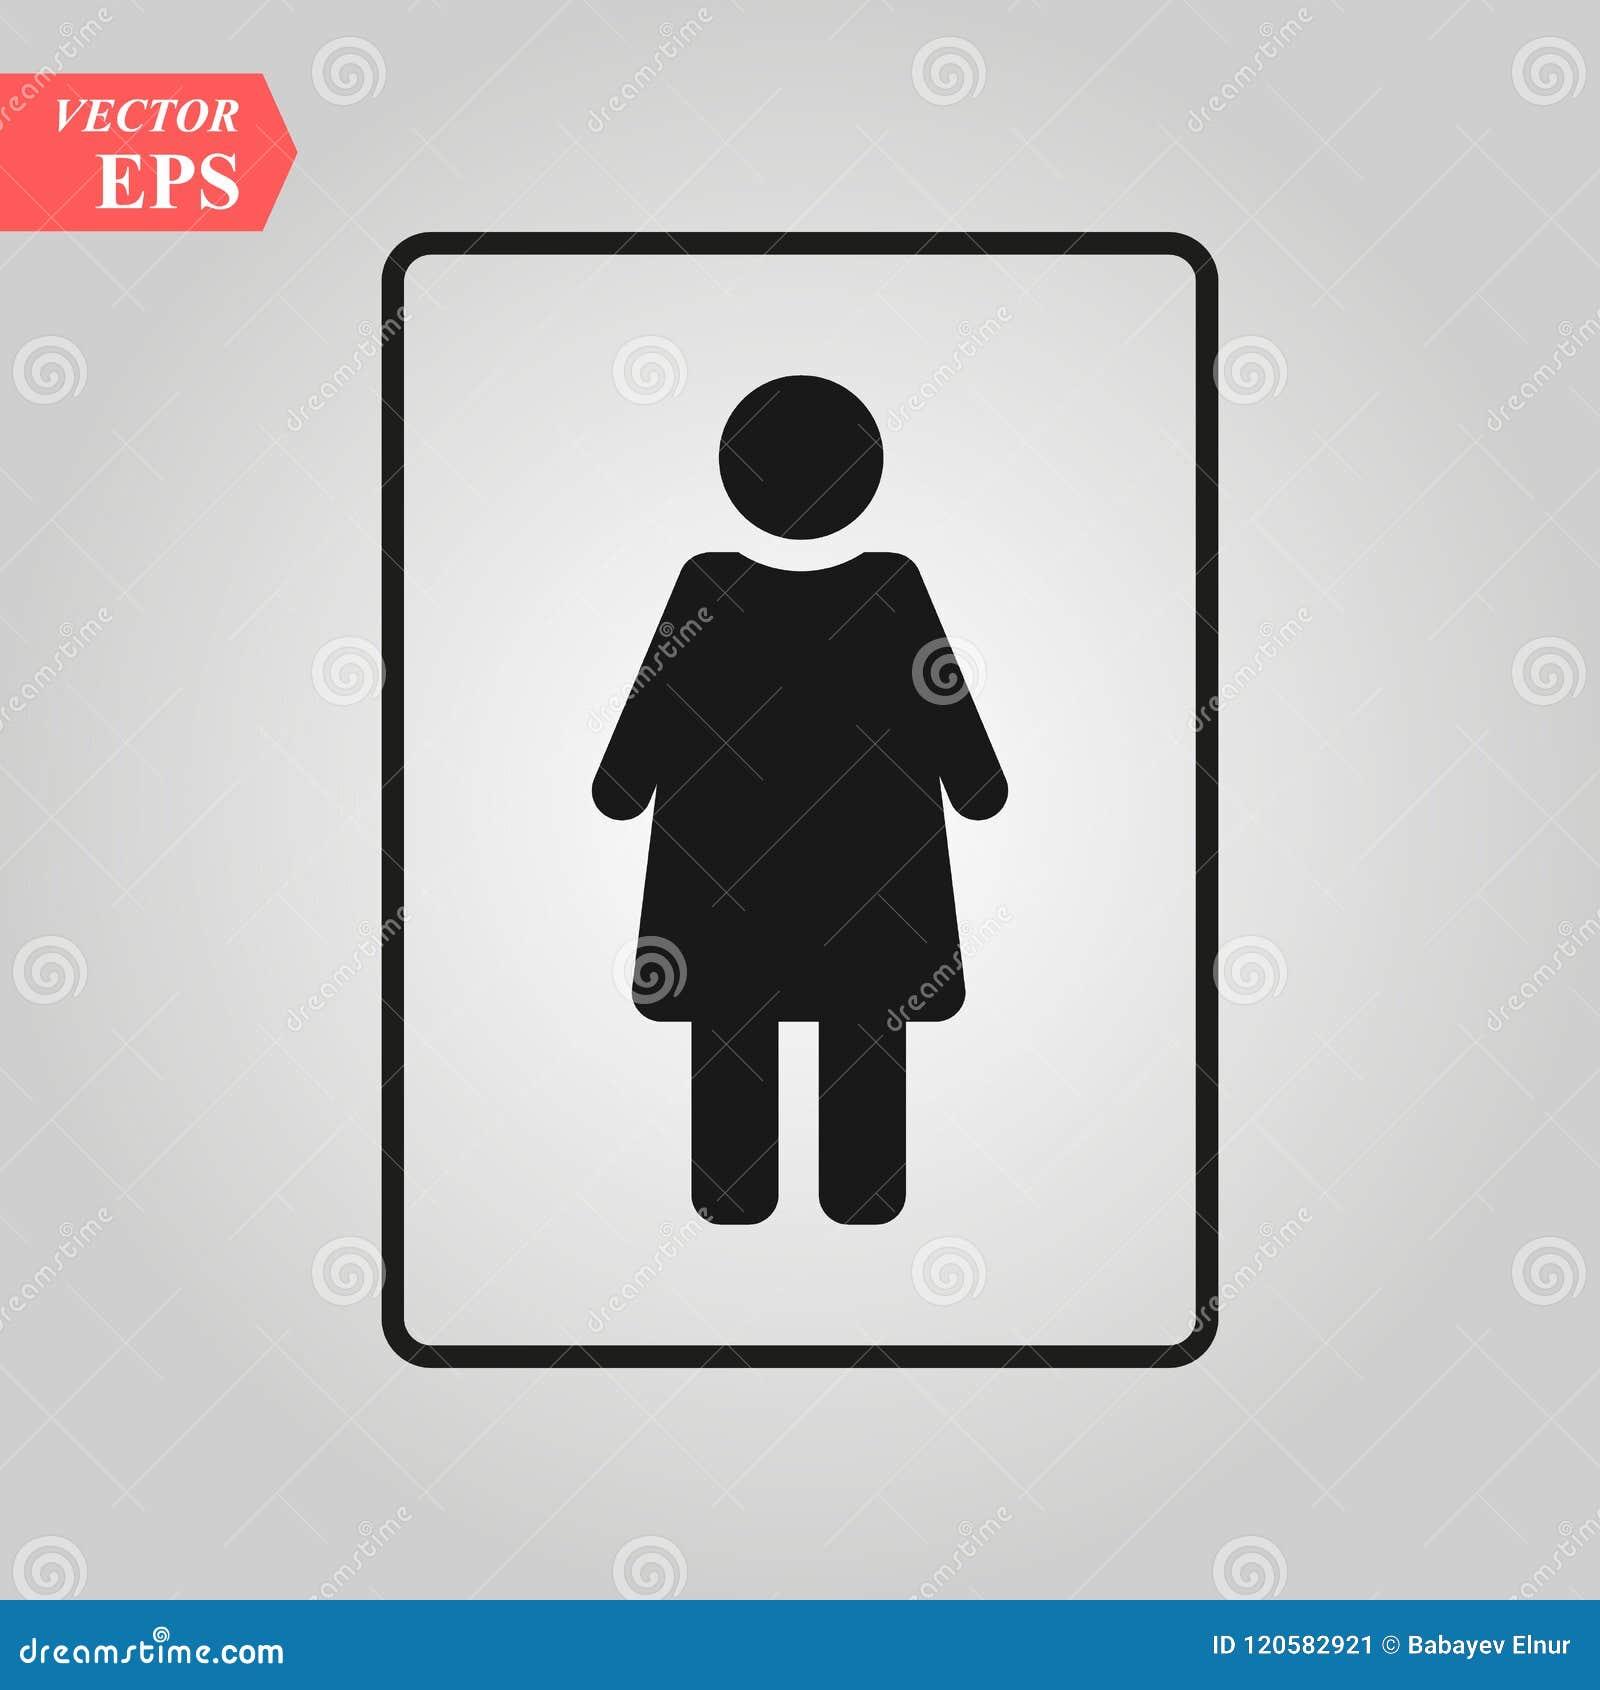 Icône Femelle De Vecteur Vecteur Dicône De Toilette De Femme Sexe